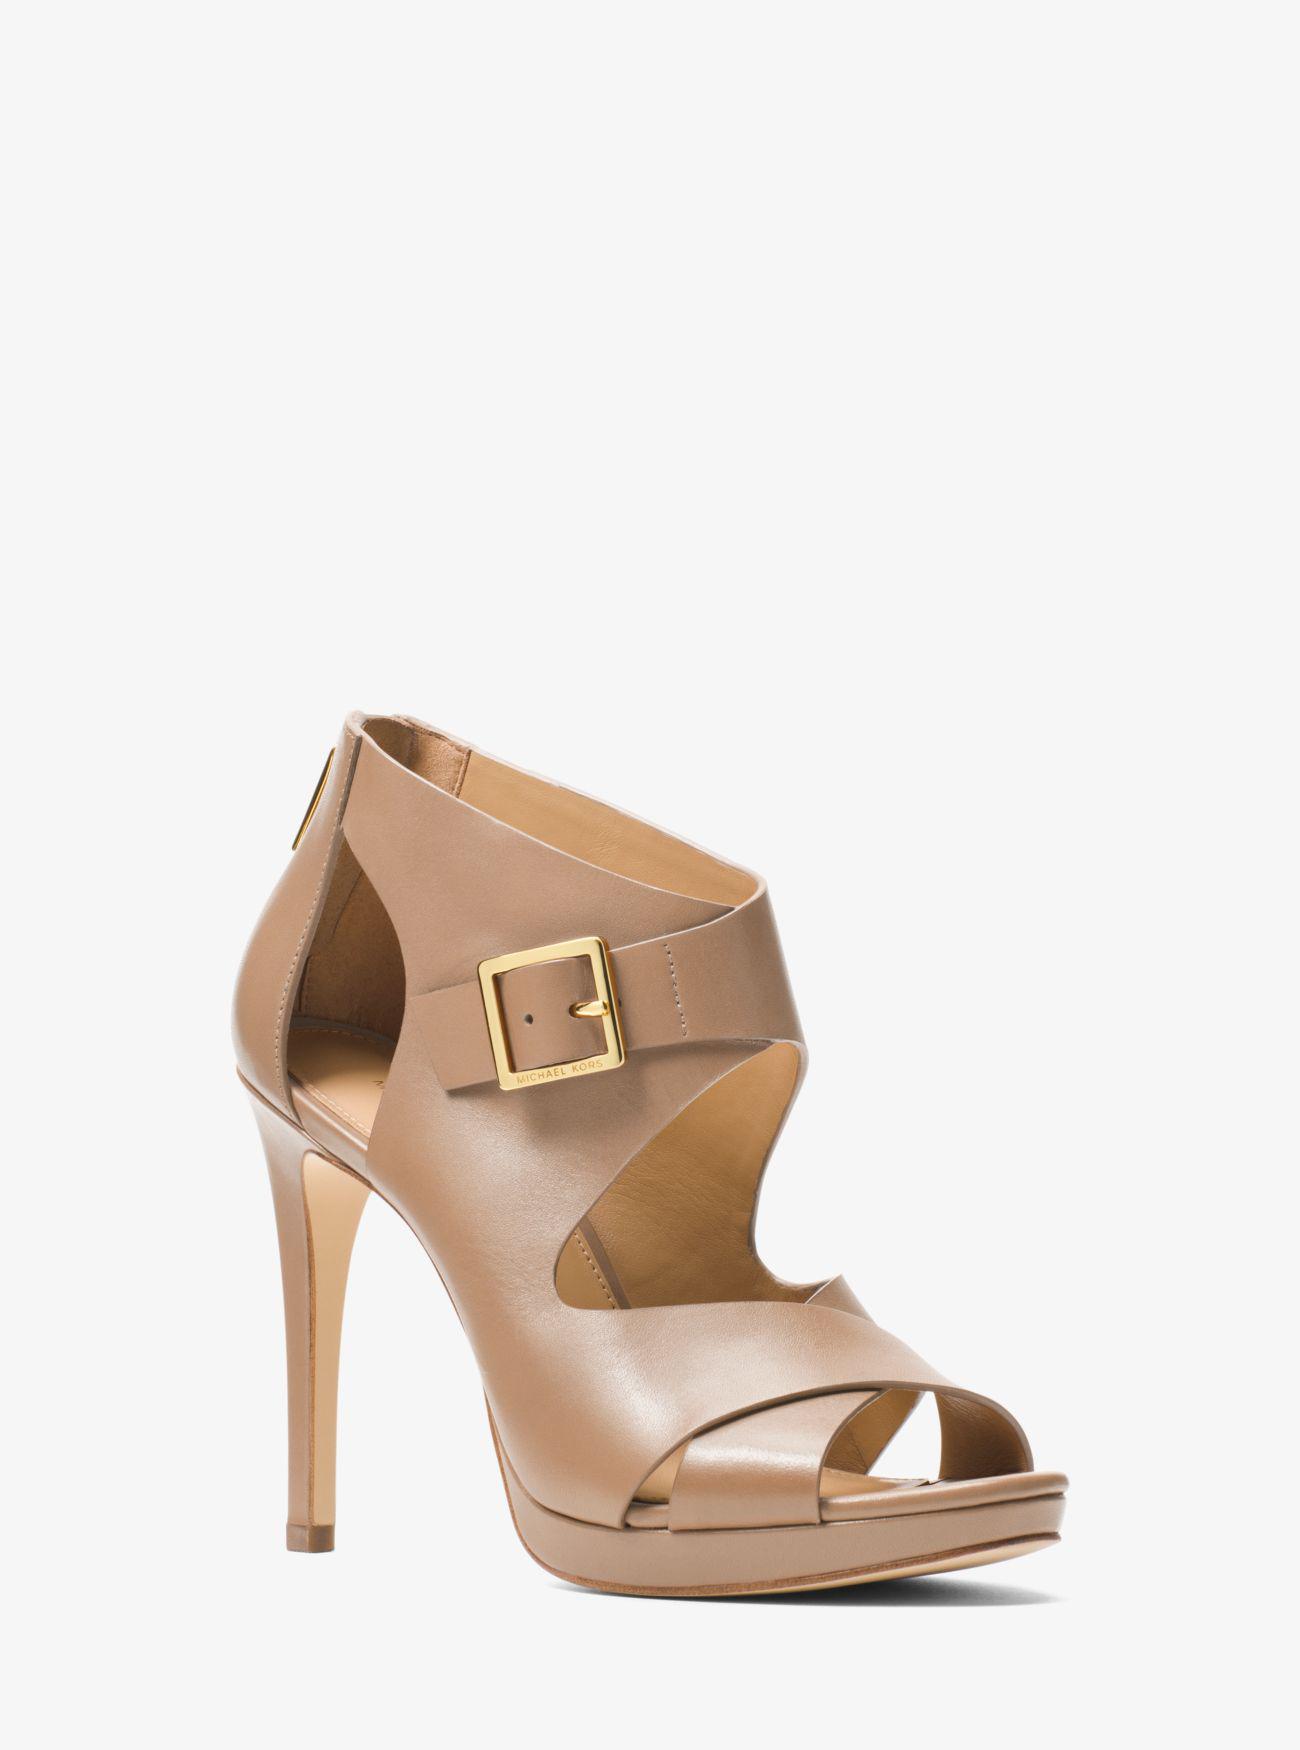 15b4ef2c9832 Michael Kors Kimber Leather Platform Sandal in Natural - Lyst